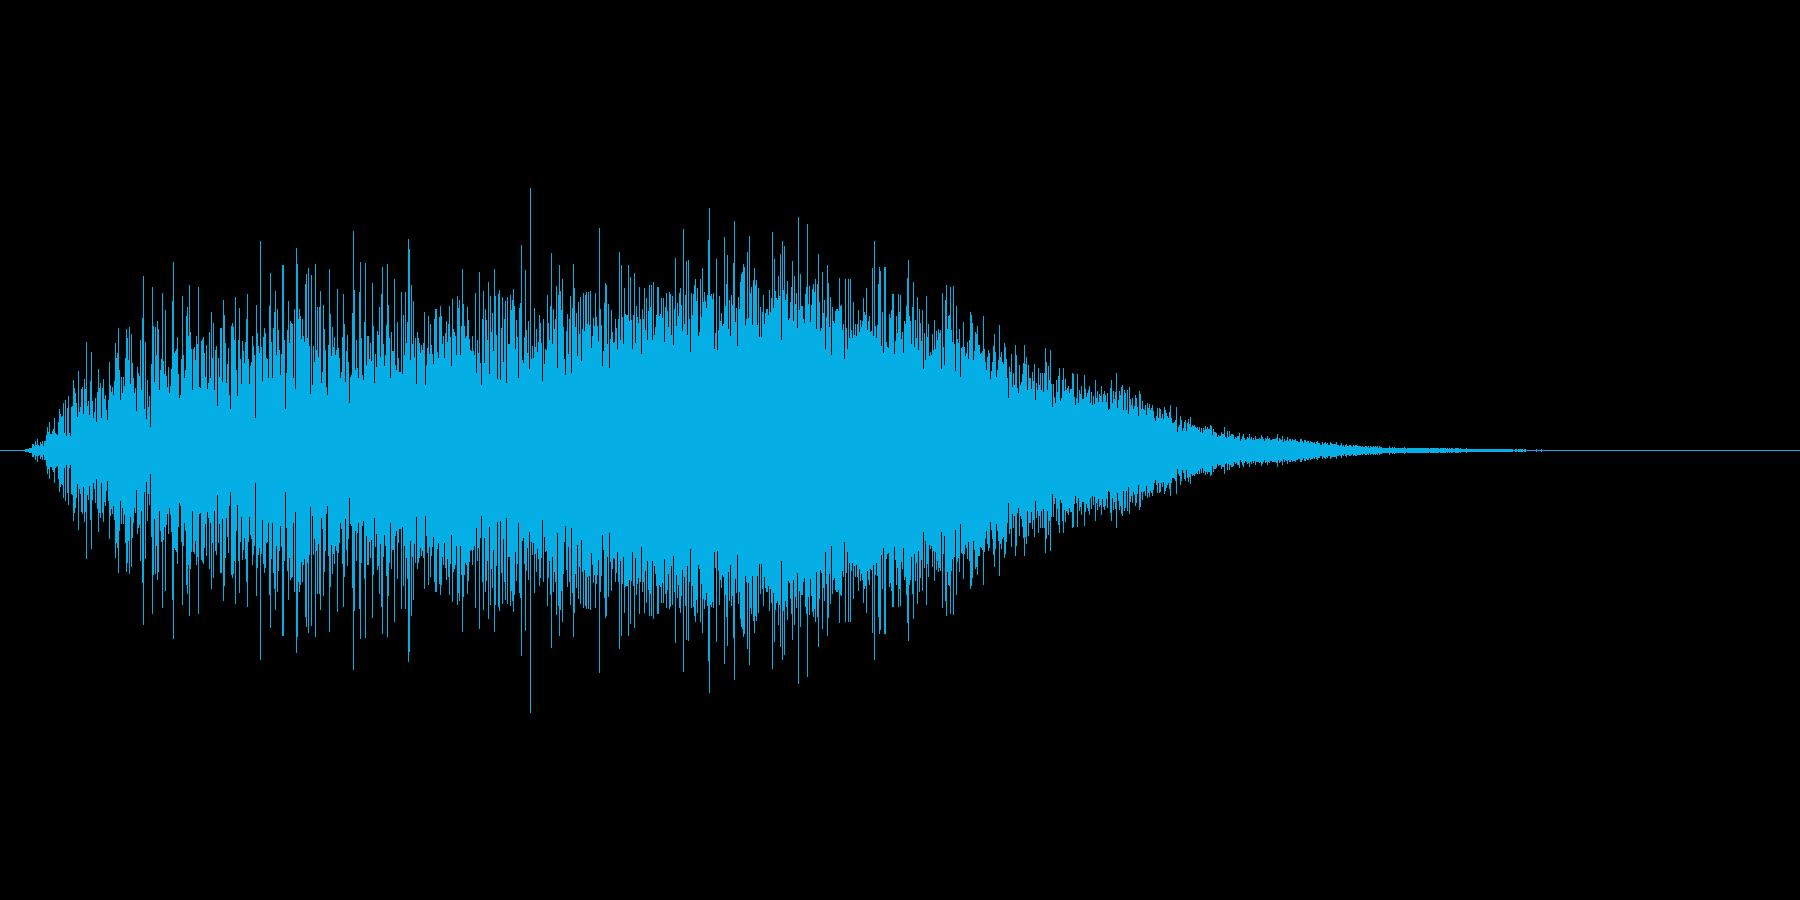 戦闘時のパラメーター強化音 上昇音の再生済みの波形